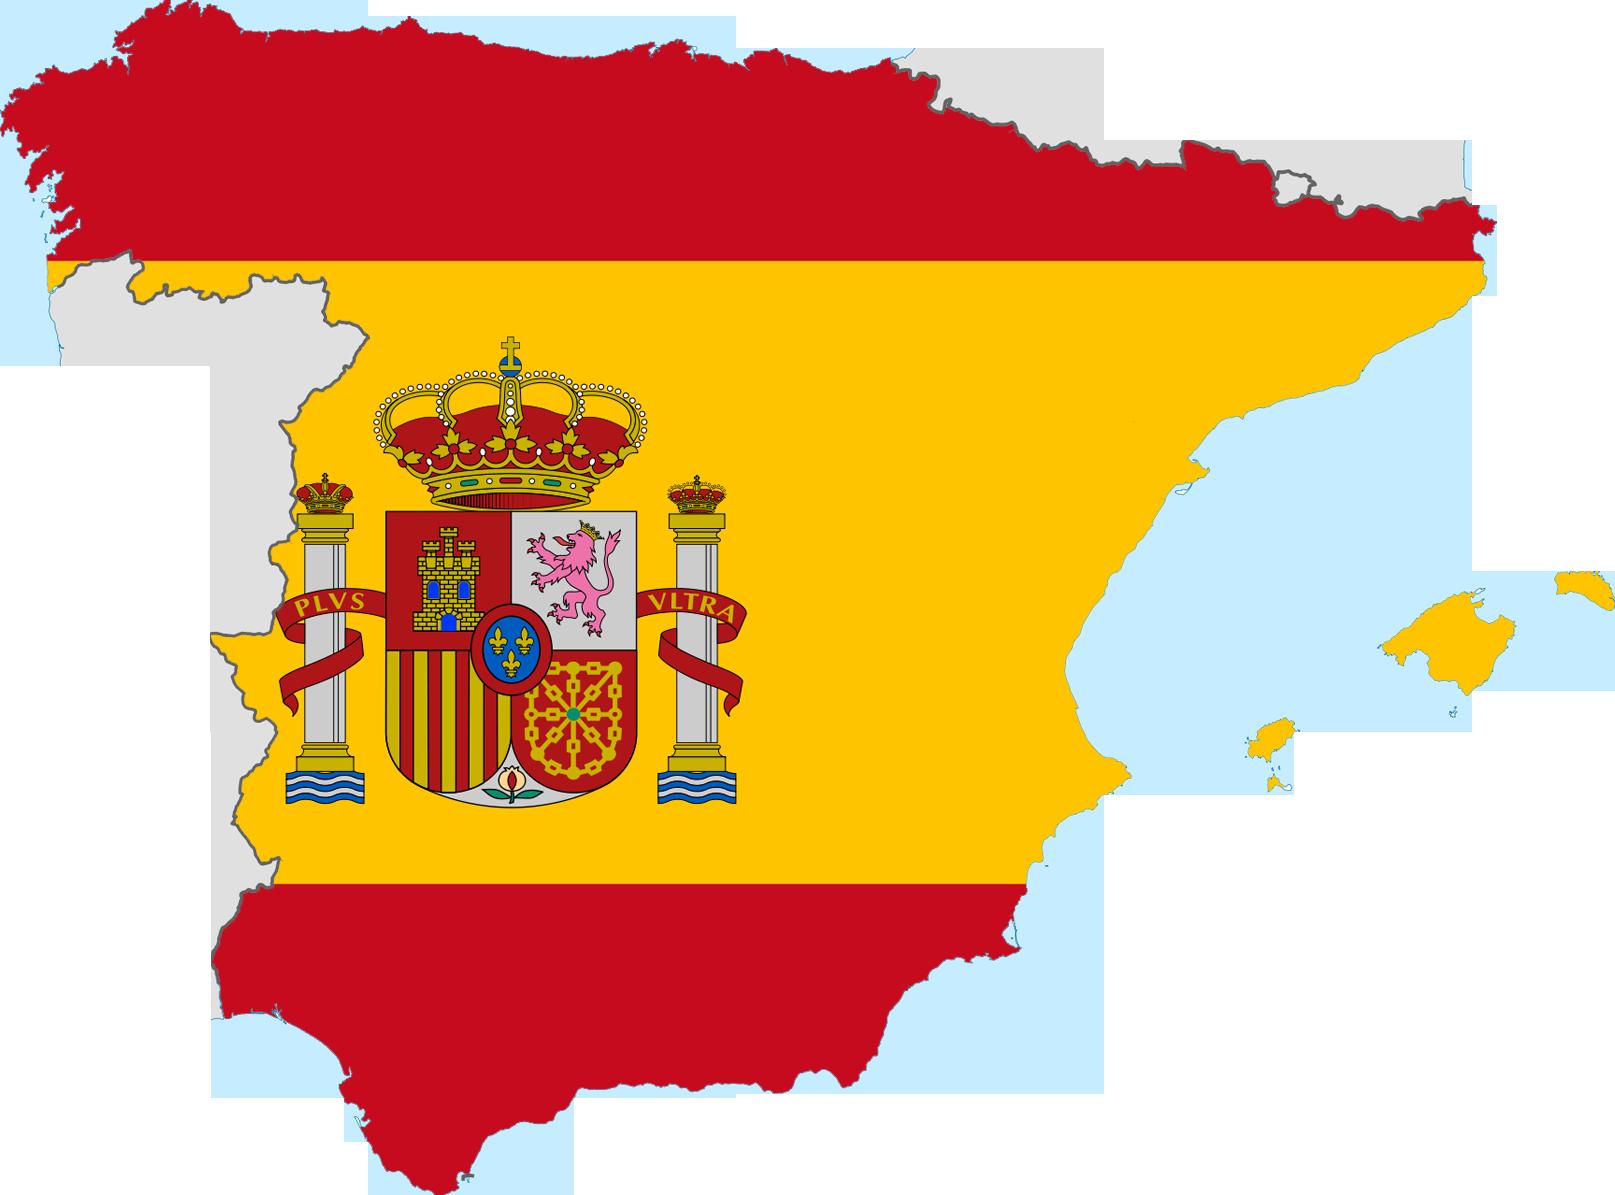 Espa ol home spanish courses for Gap online espana